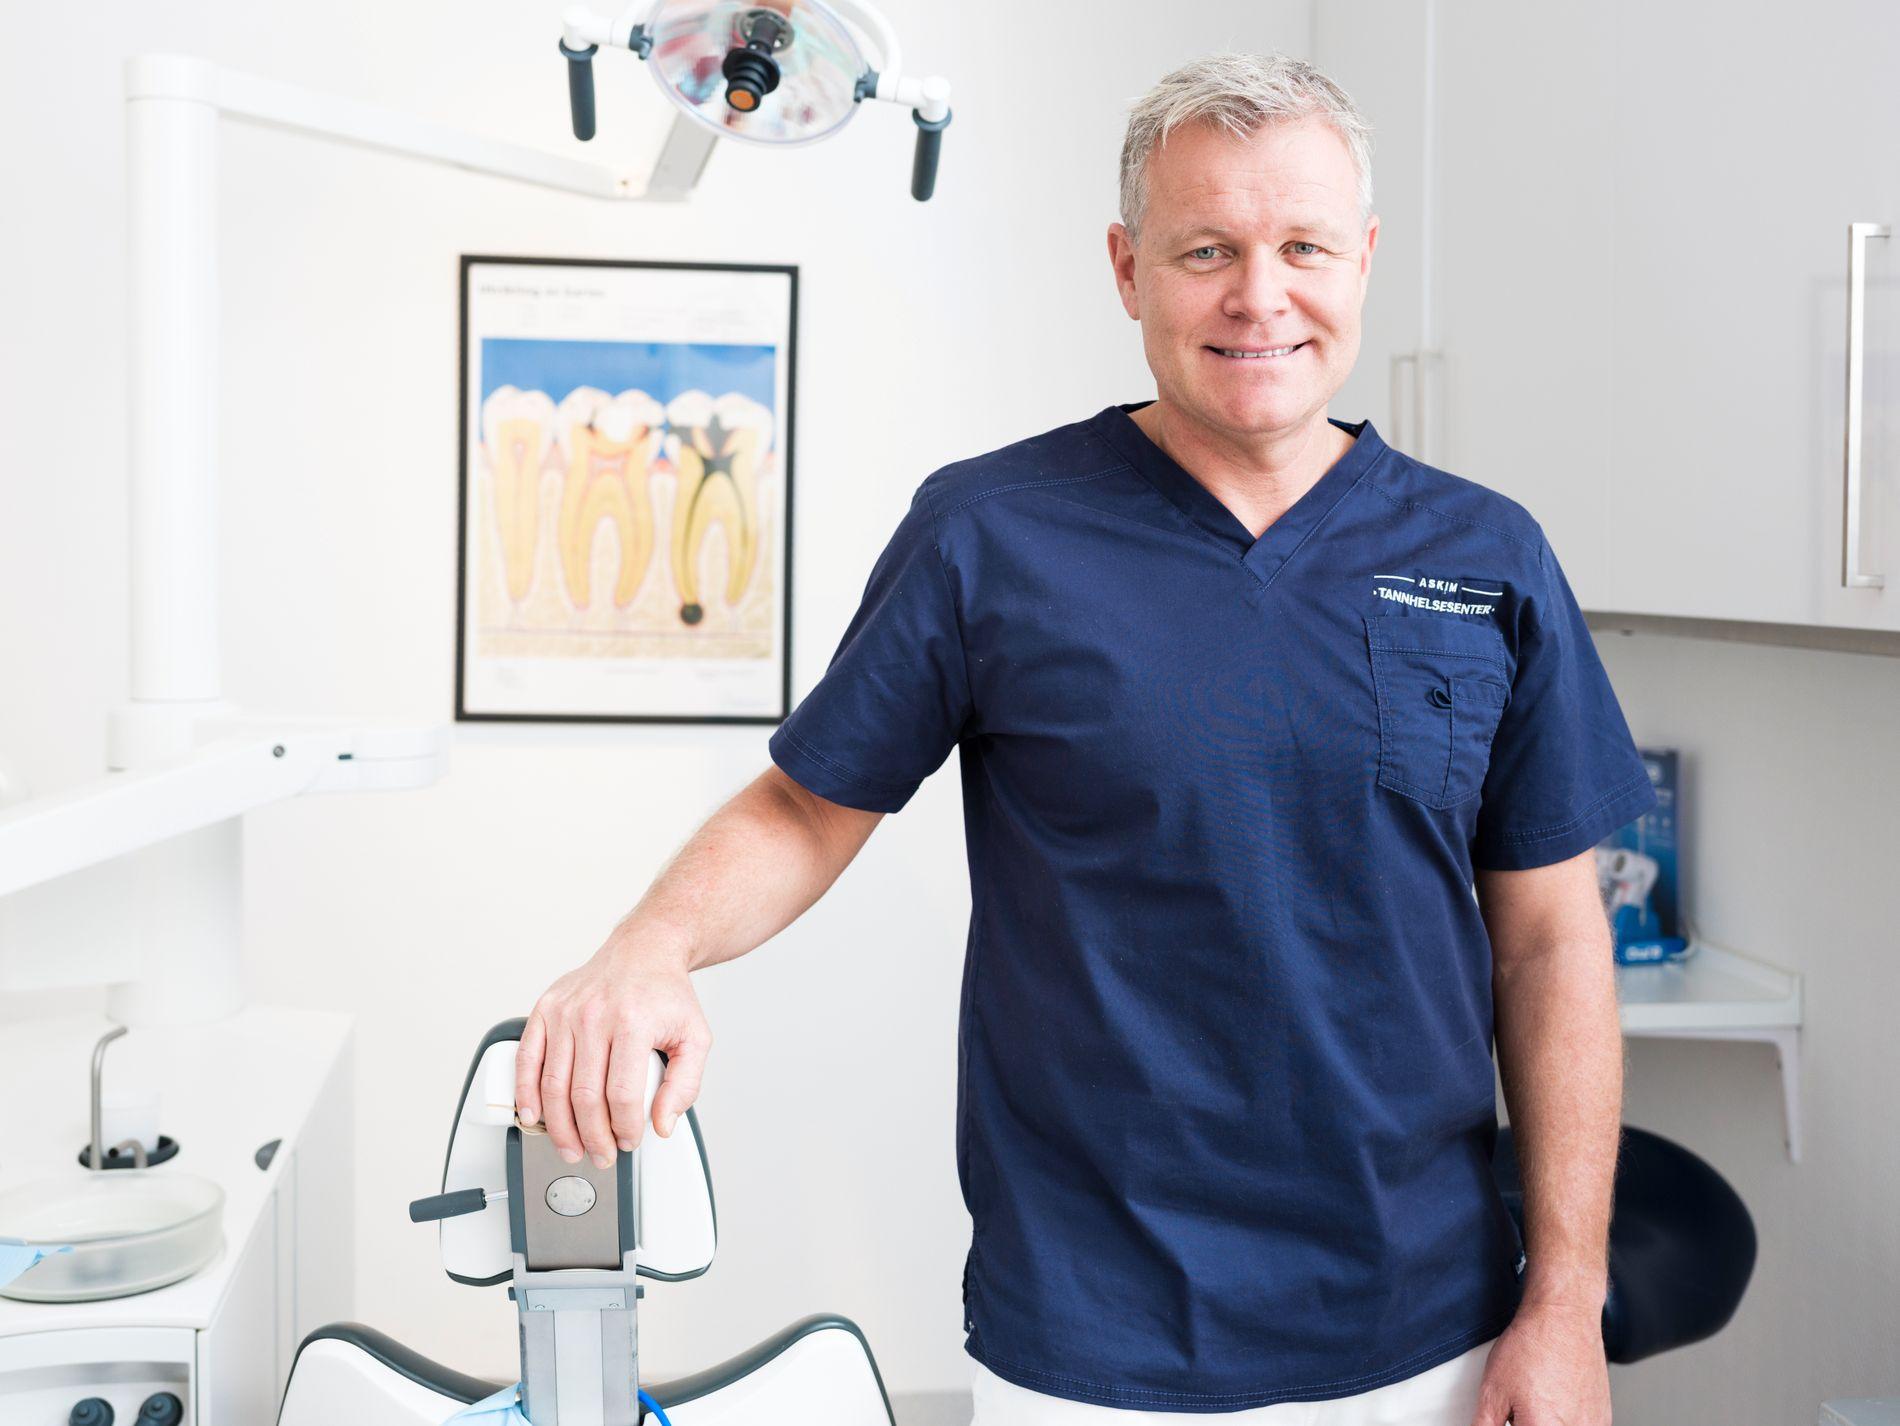 KJENT PROBLEM: Tannlege Øivind Berg ved Askim Tannhelsesenter får stadig vekk spørsmål fra pasienter som ønsker å bli kvitt dårlig ånde.